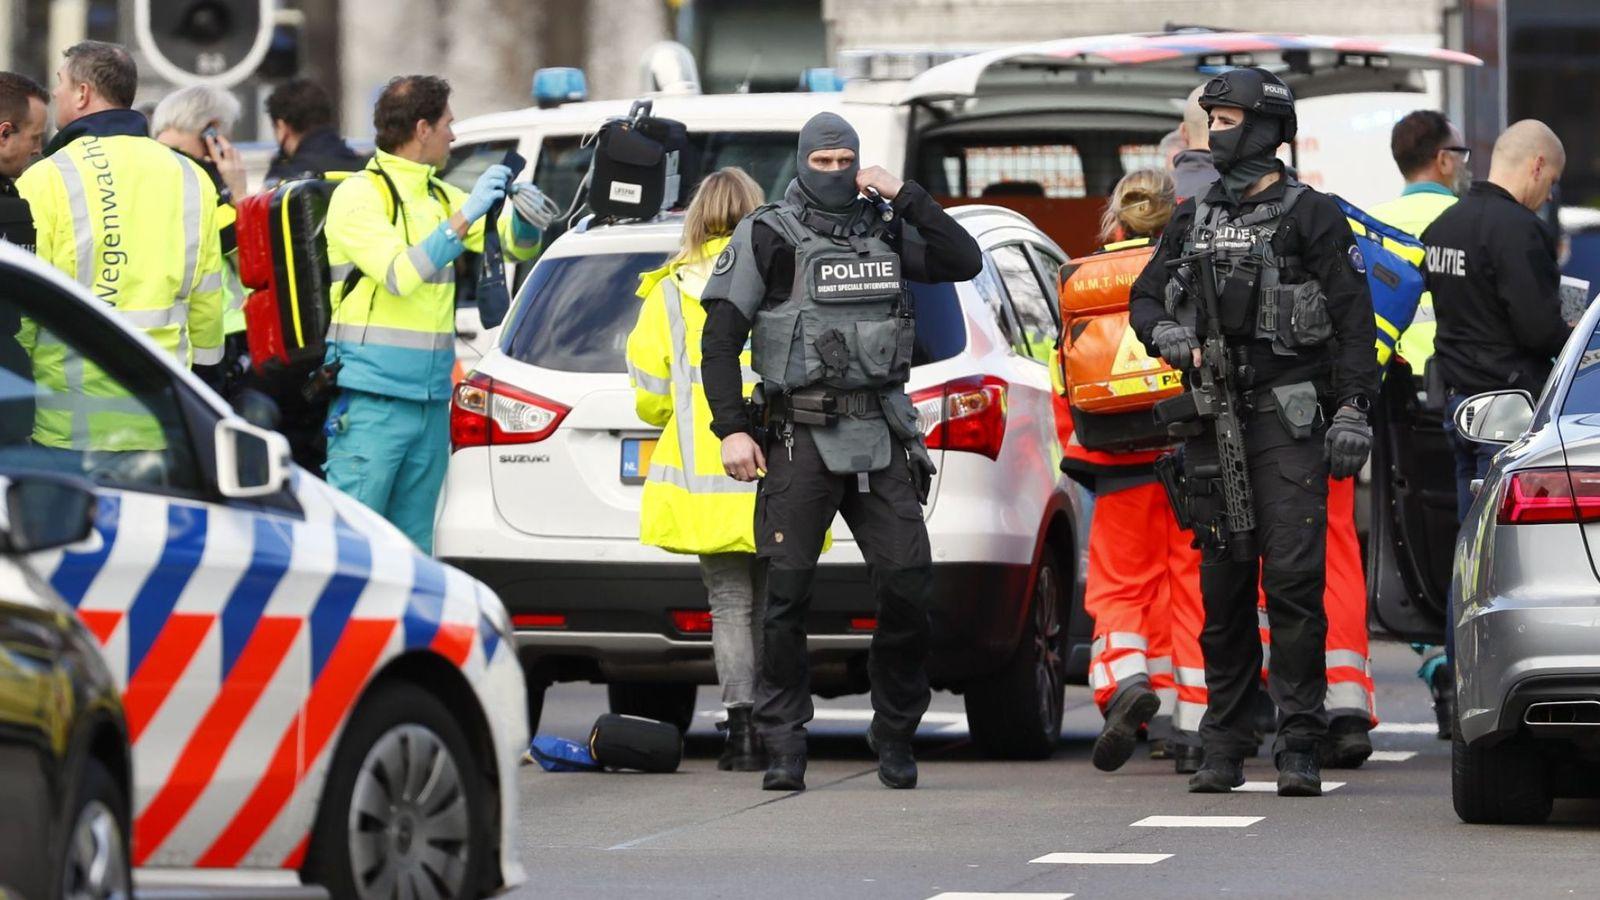 荷兰发生枪击事件:已致多人受伤 枪手仍在逃